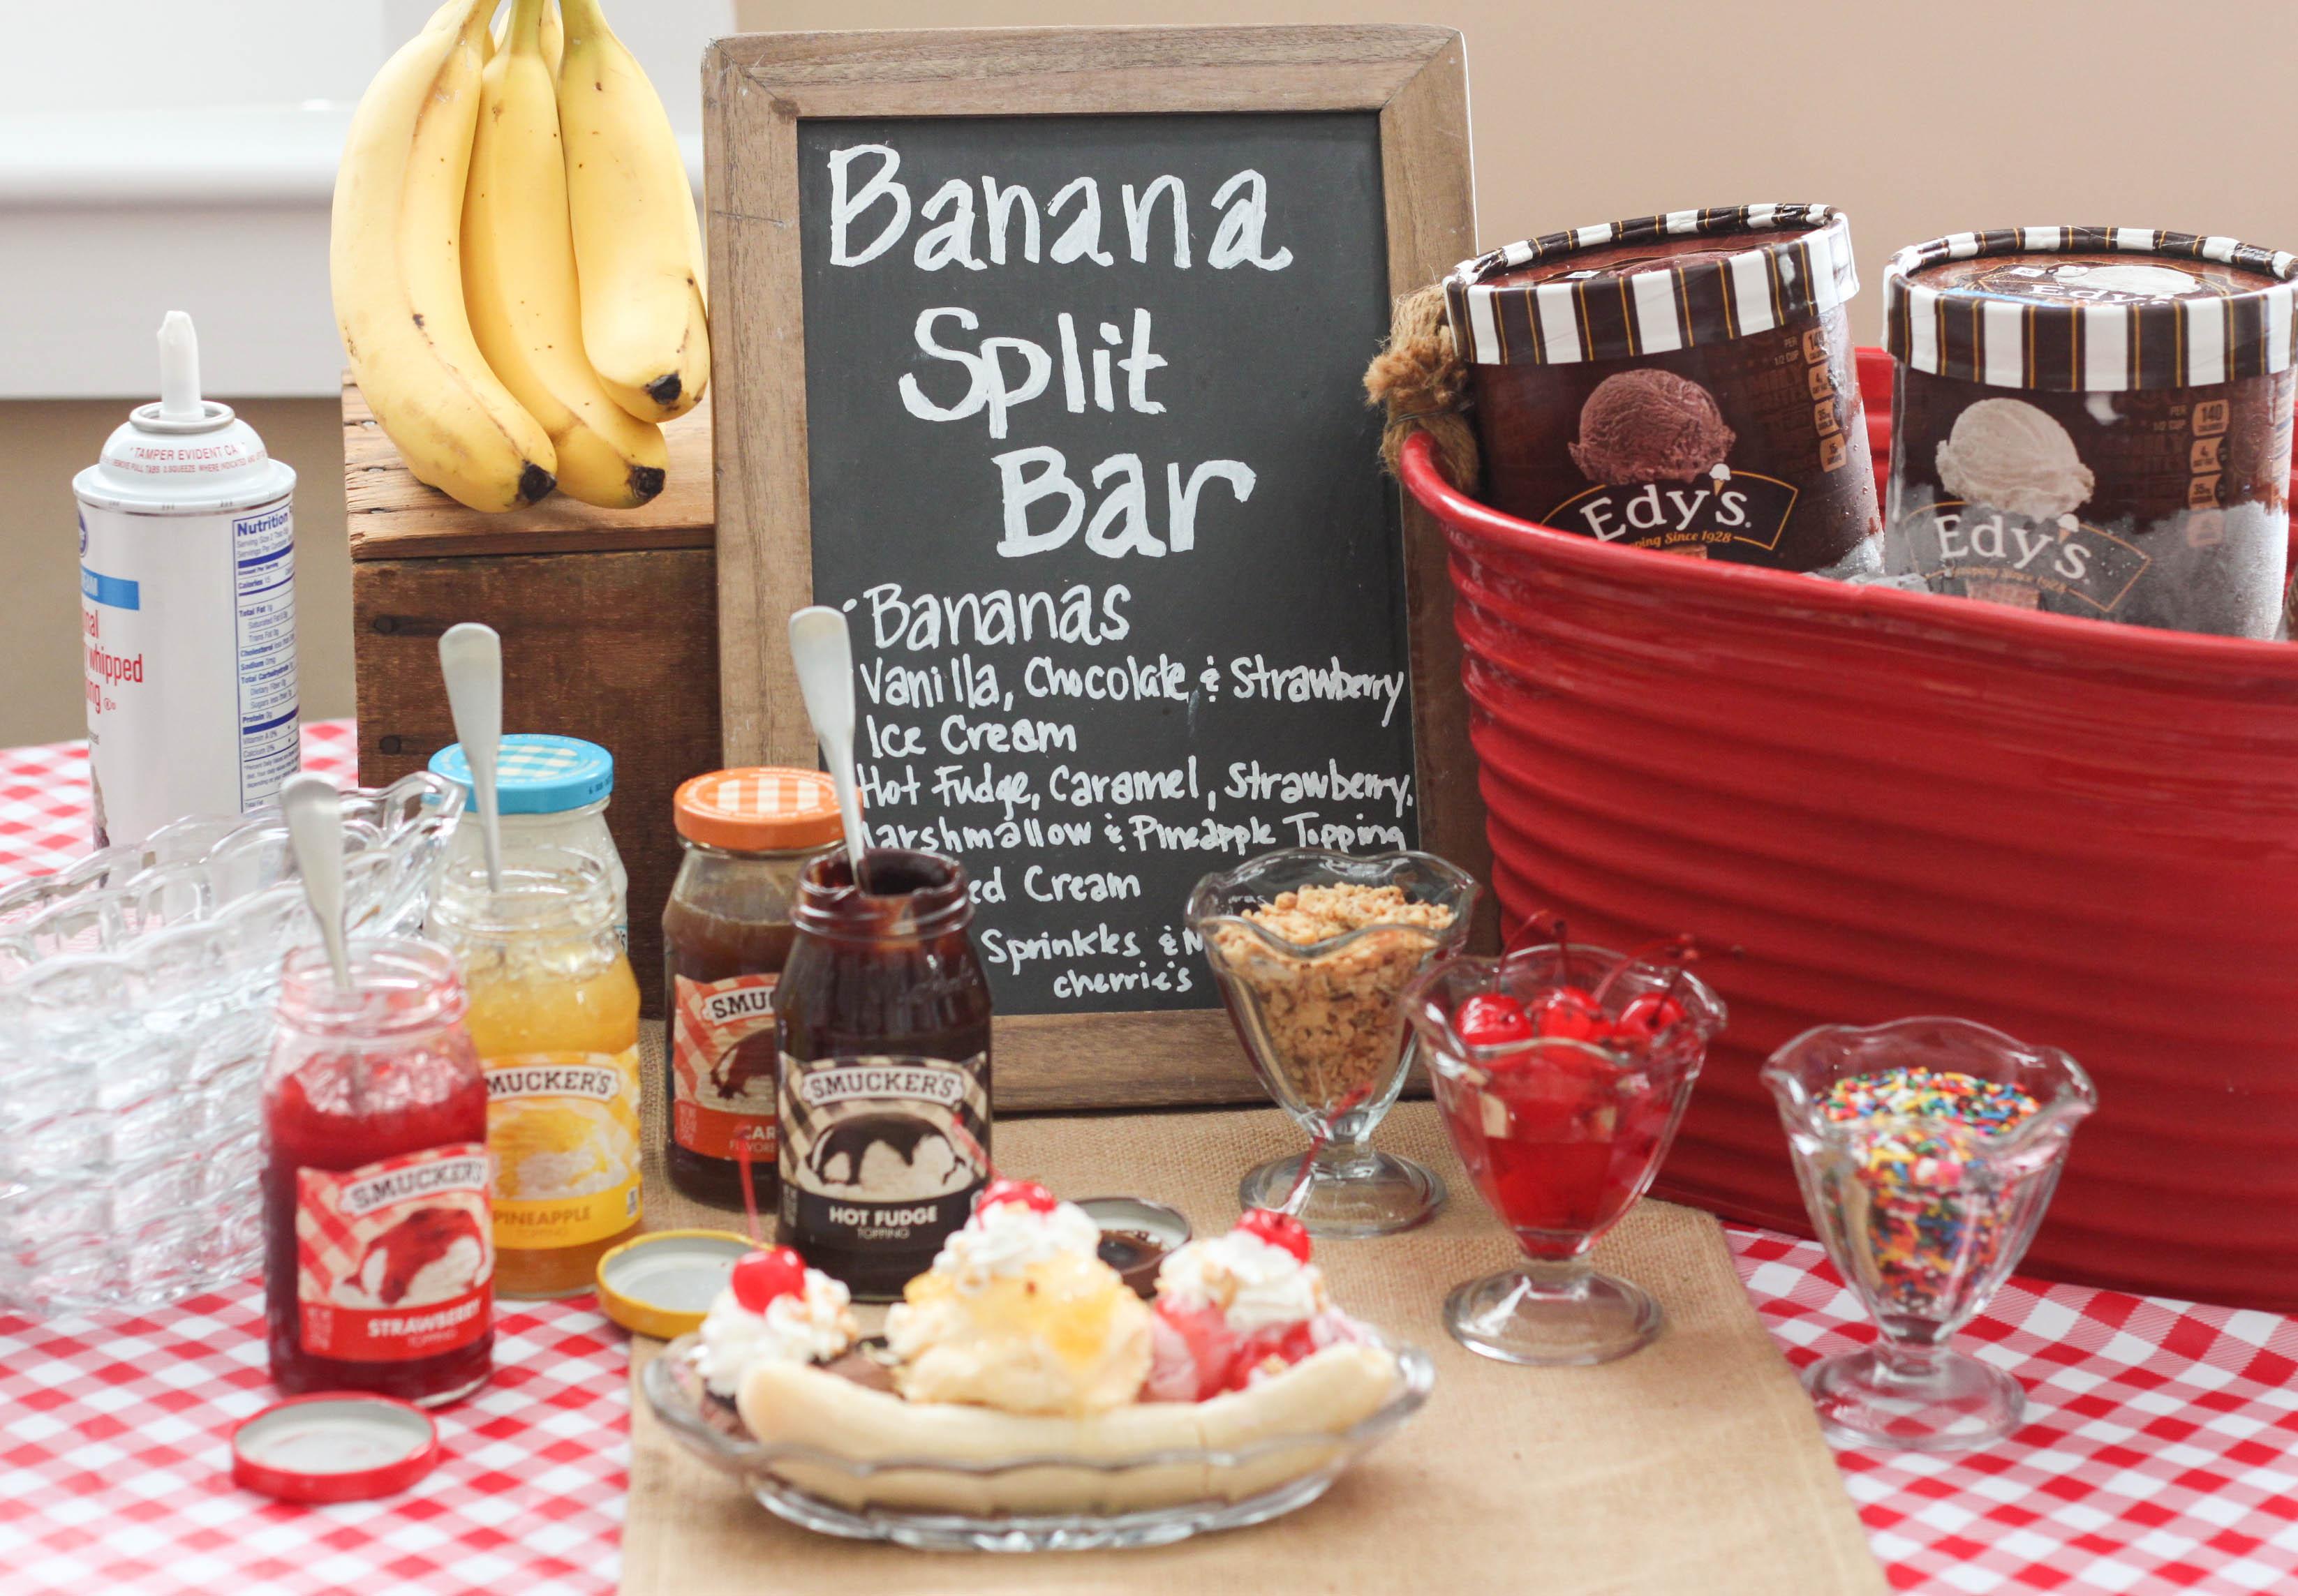 Banana Split Bar The Farmwife Cooks